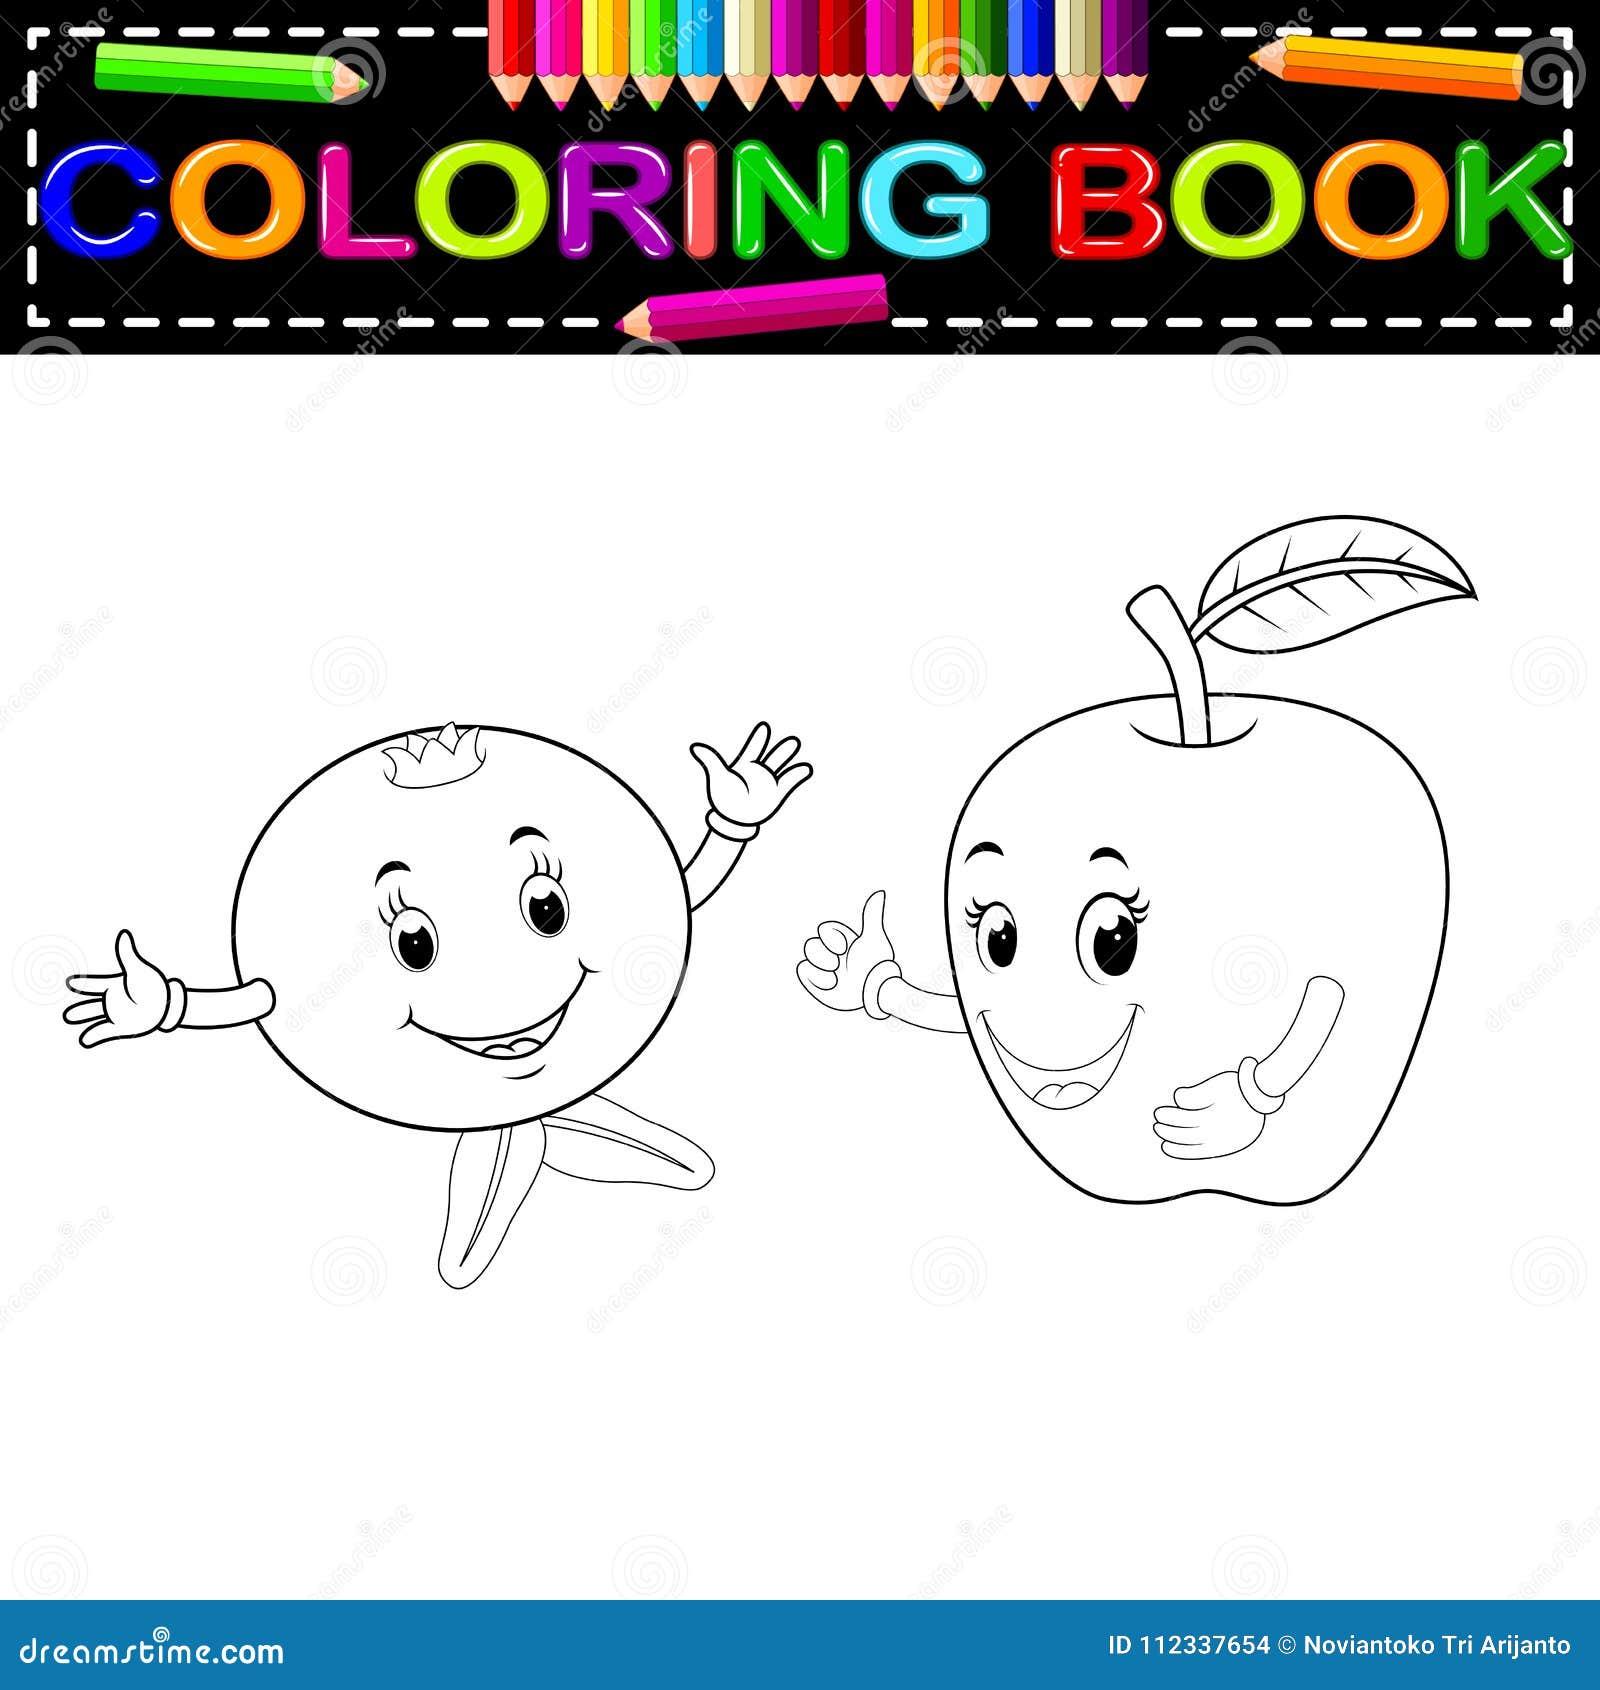 Fantástico Libro De Colorear Abc Pdf Imagen - Enmarcado Para ...